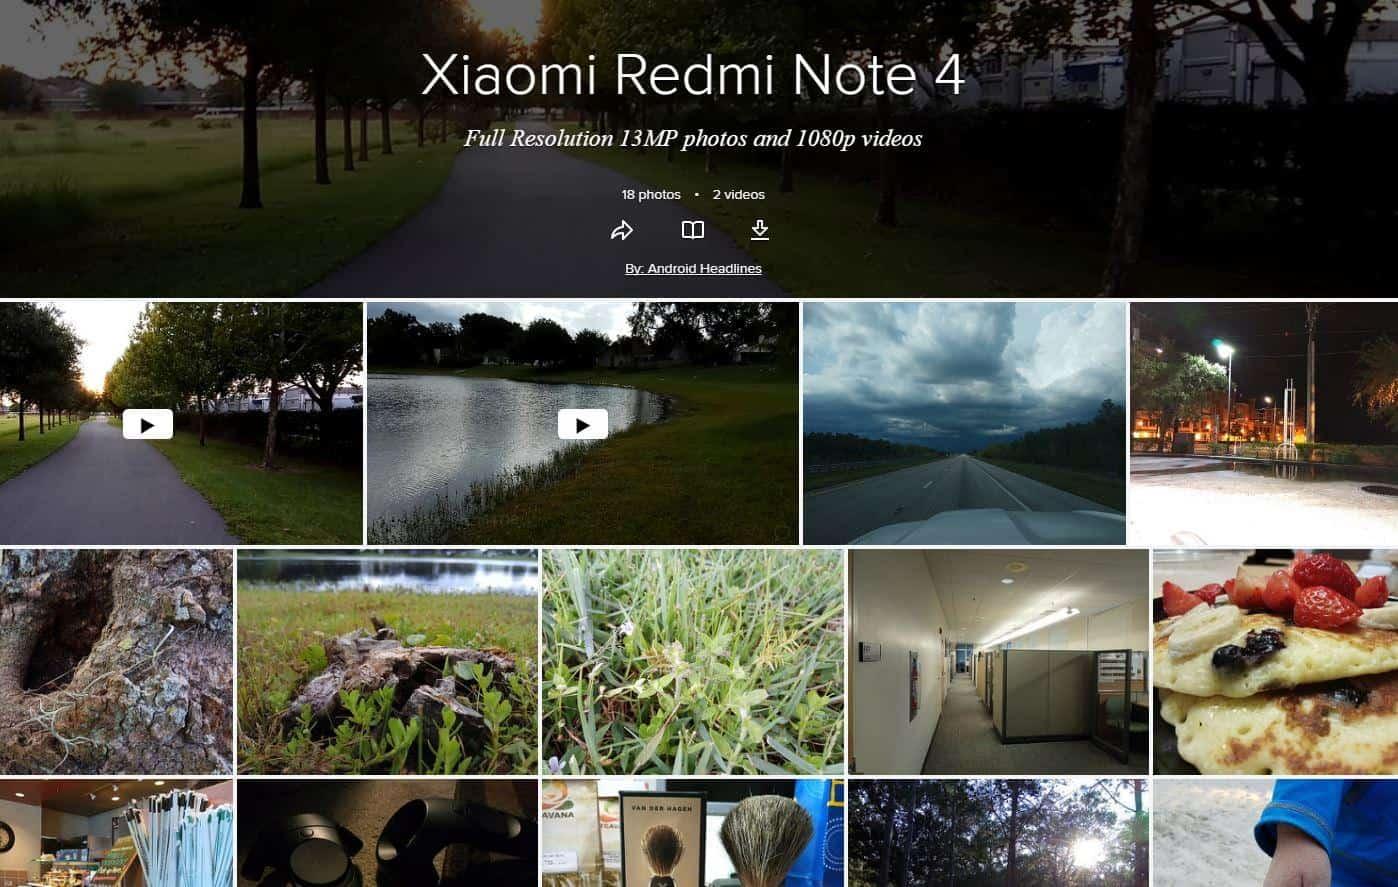 xiaomi-redmi-note-4-ah-ns-flickr